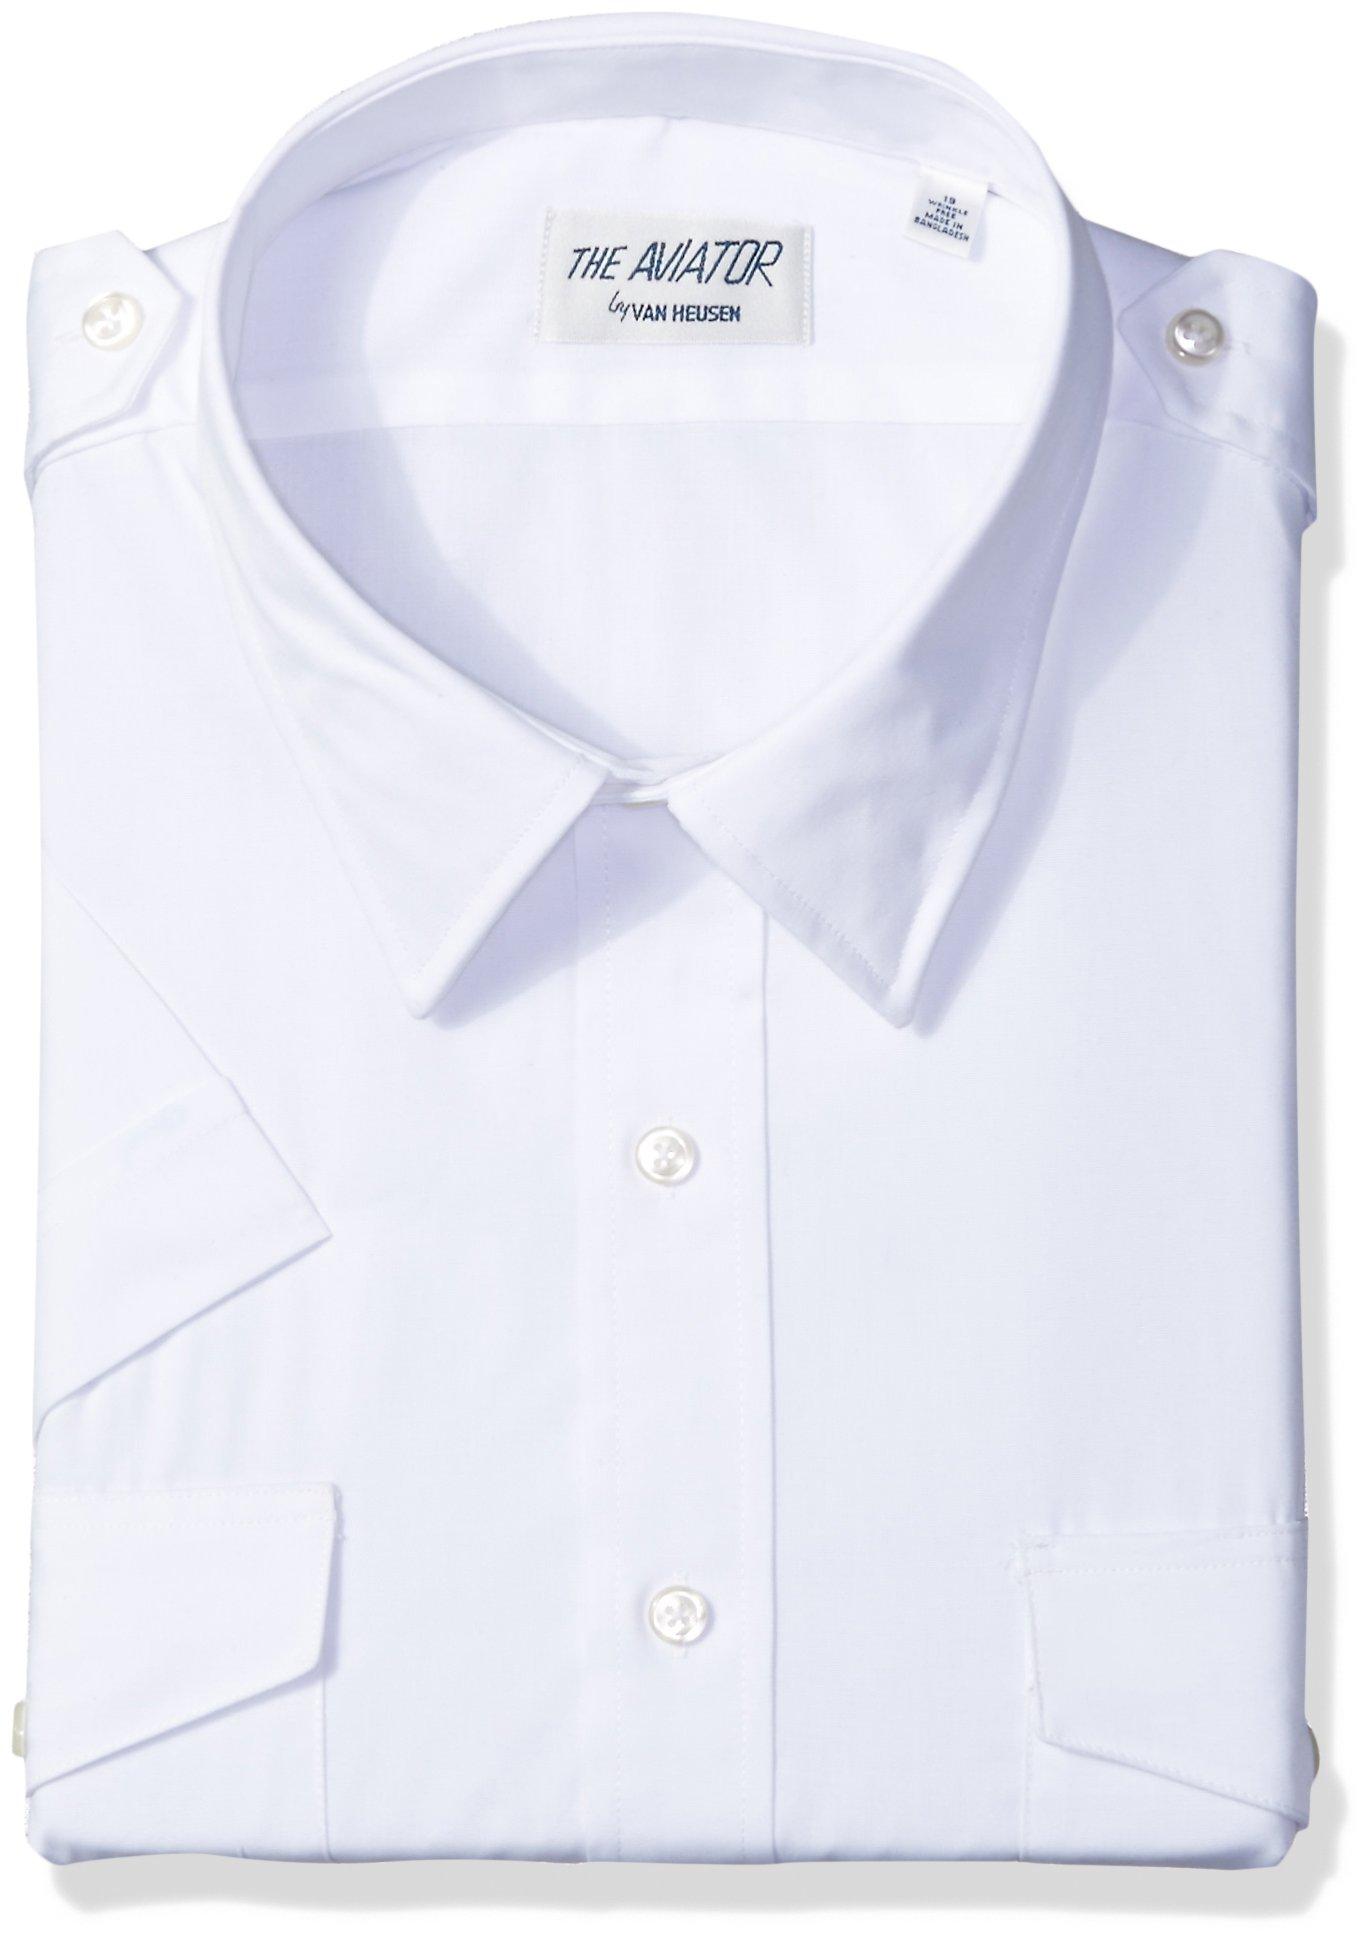 Van Heusen Men's Short Sleeve Aviator Shirt,White,16.5'' Neck